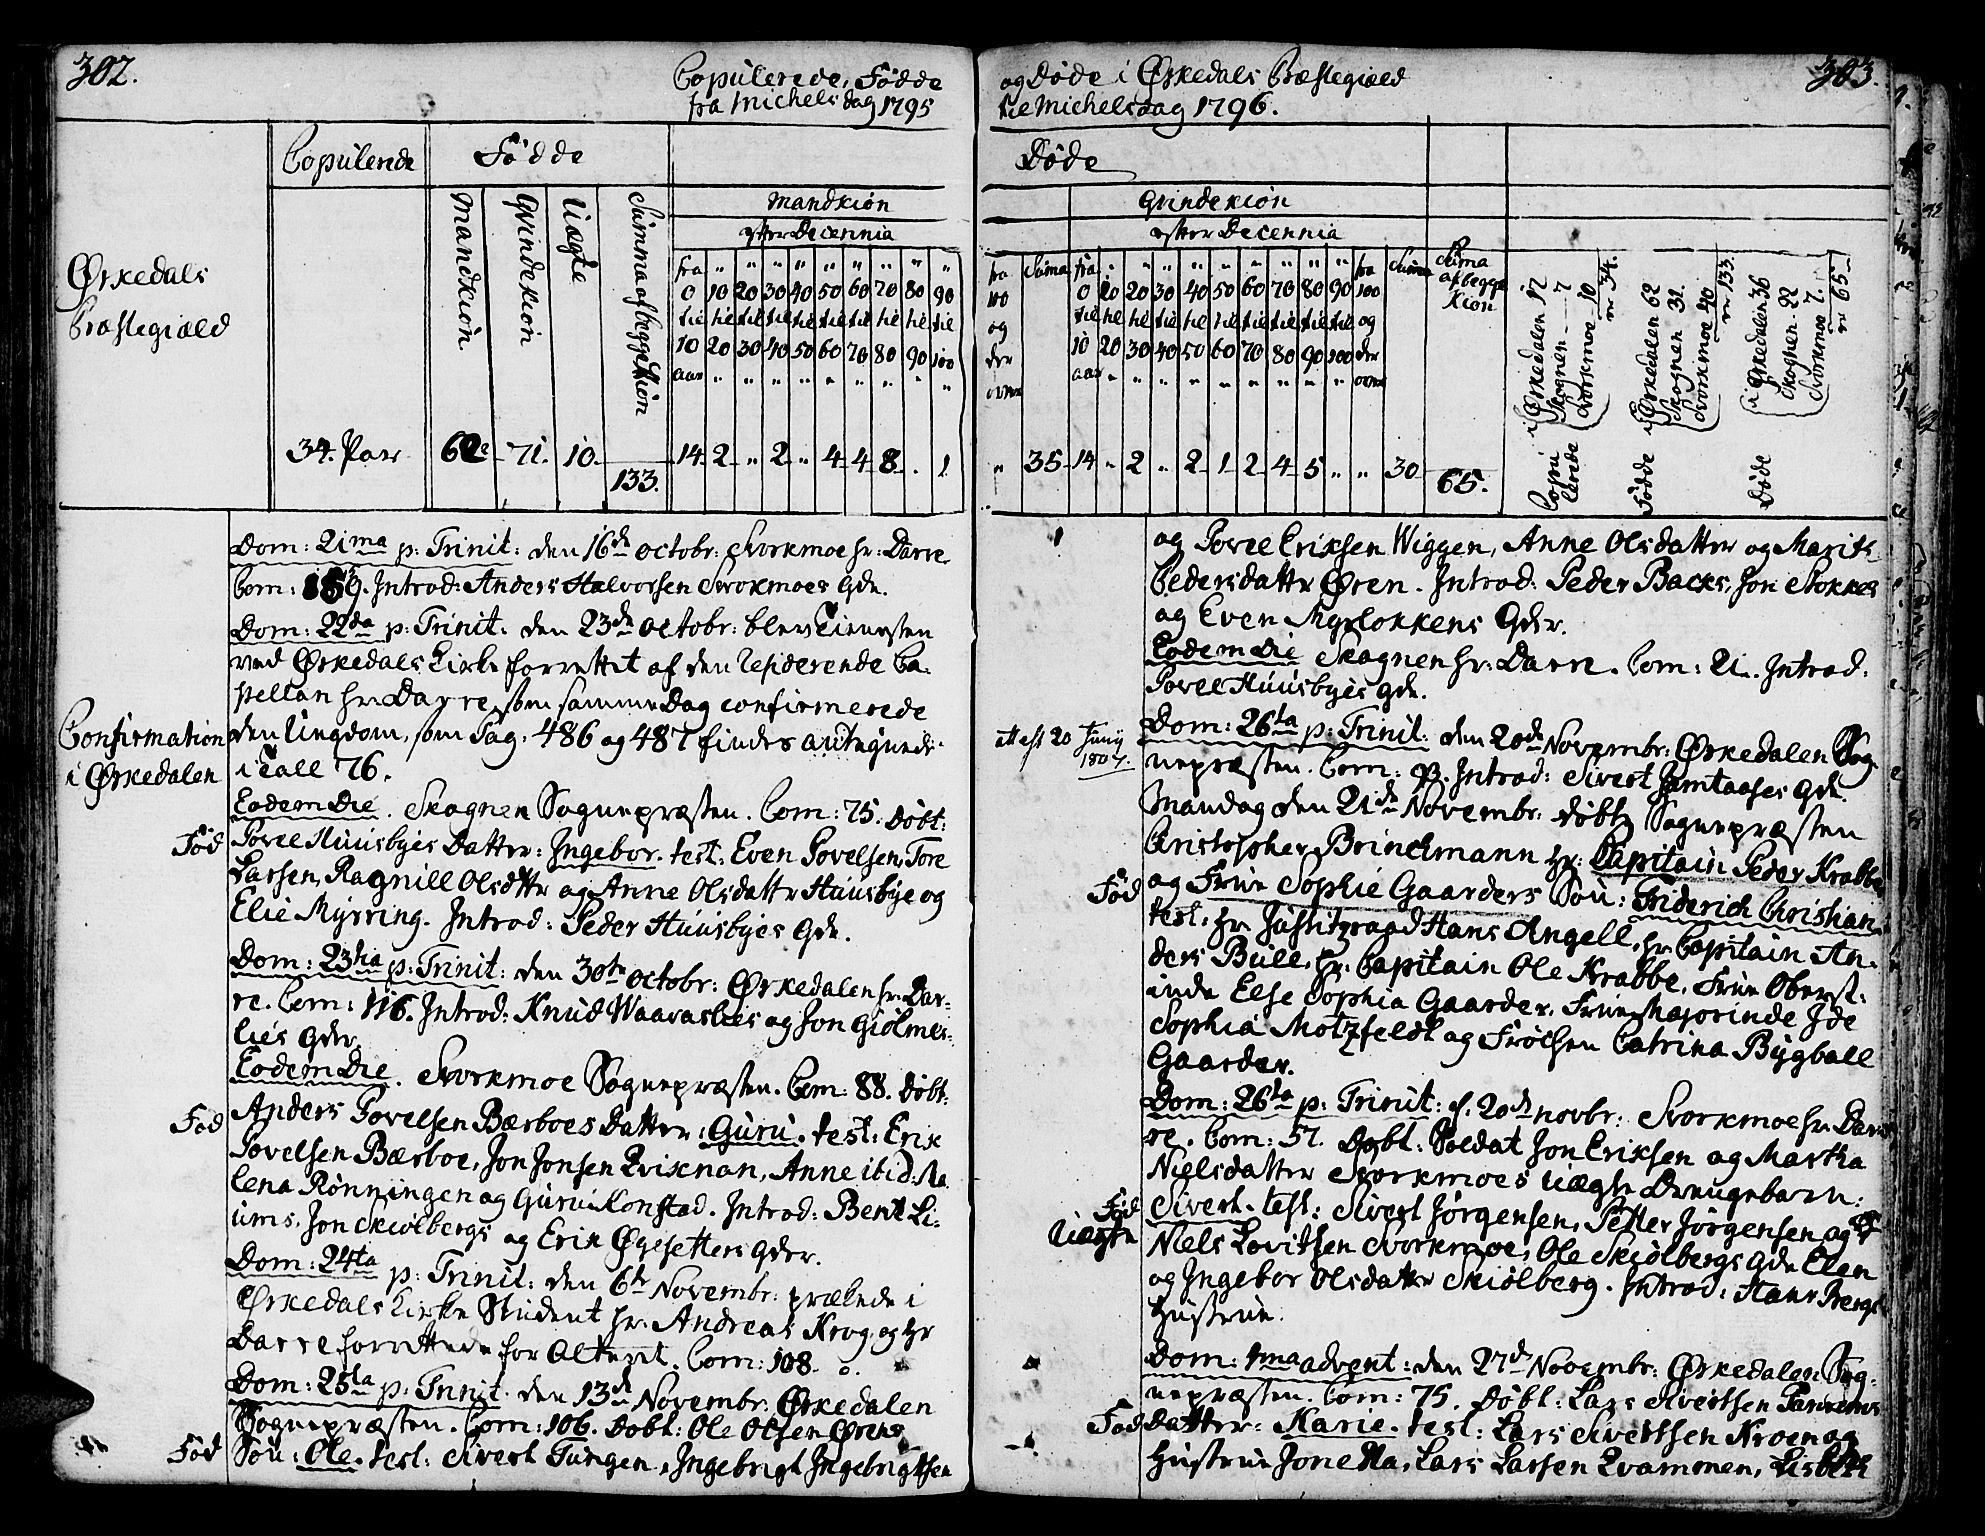 SAT, Ministerialprotokoller, klokkerbøker og fødselsregistre - Sør-Trøndelag, 668/L0802: Ministerialbok nr. 668A02, 1776-1799, s. 302-303